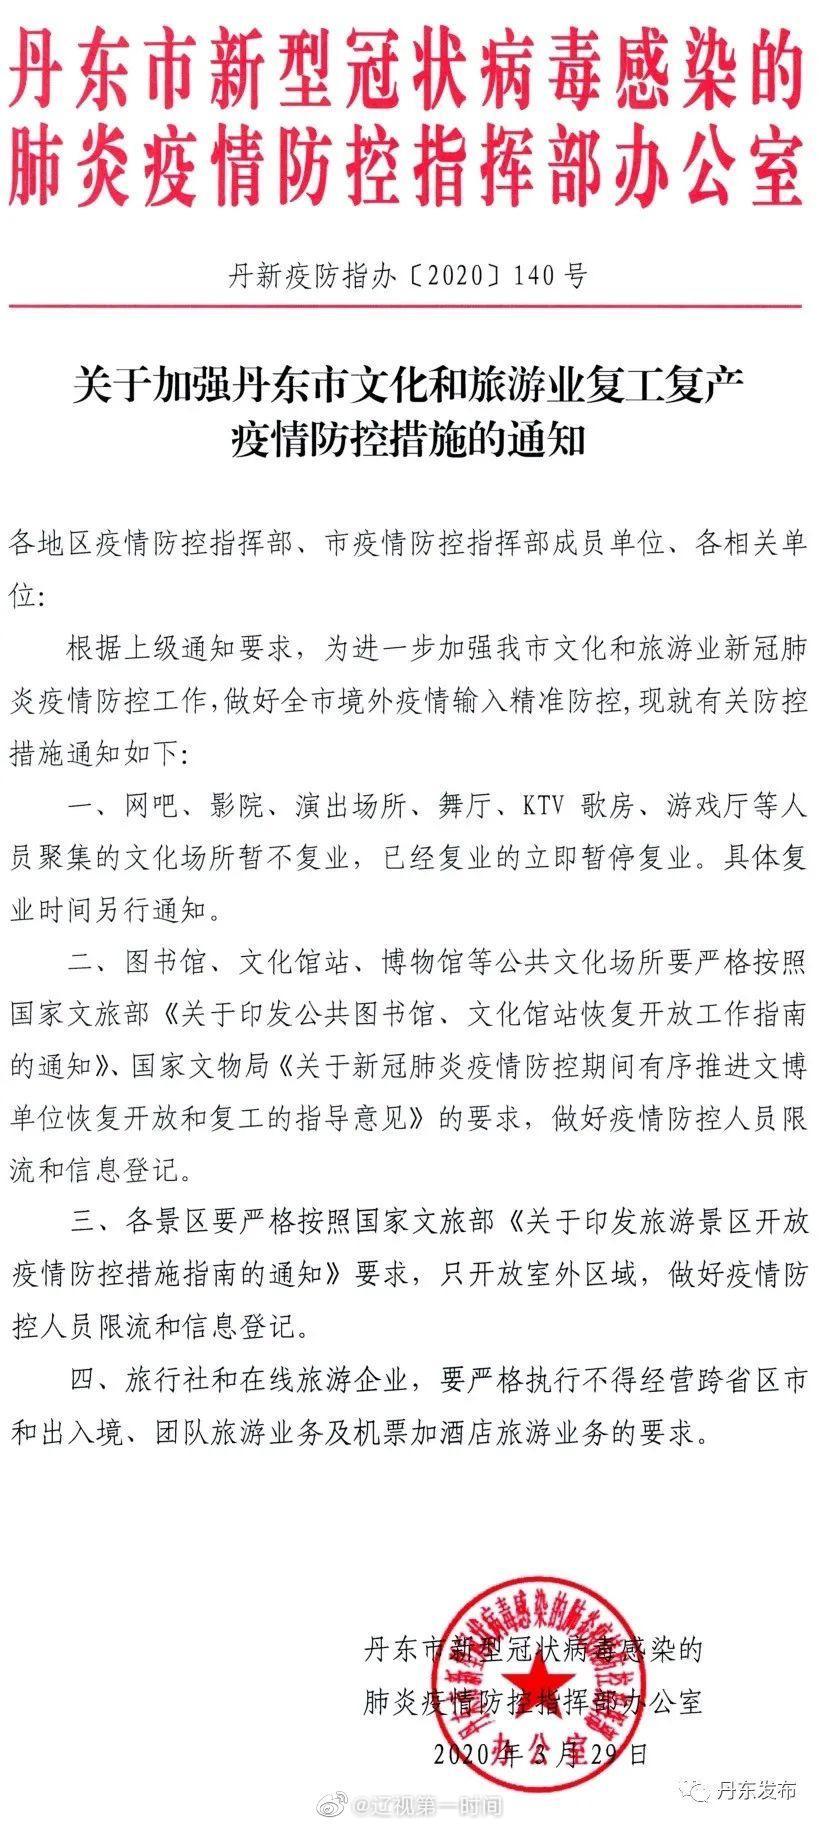 丹东:网吧影院KTV等暂不复业,已复业的立即暂停!